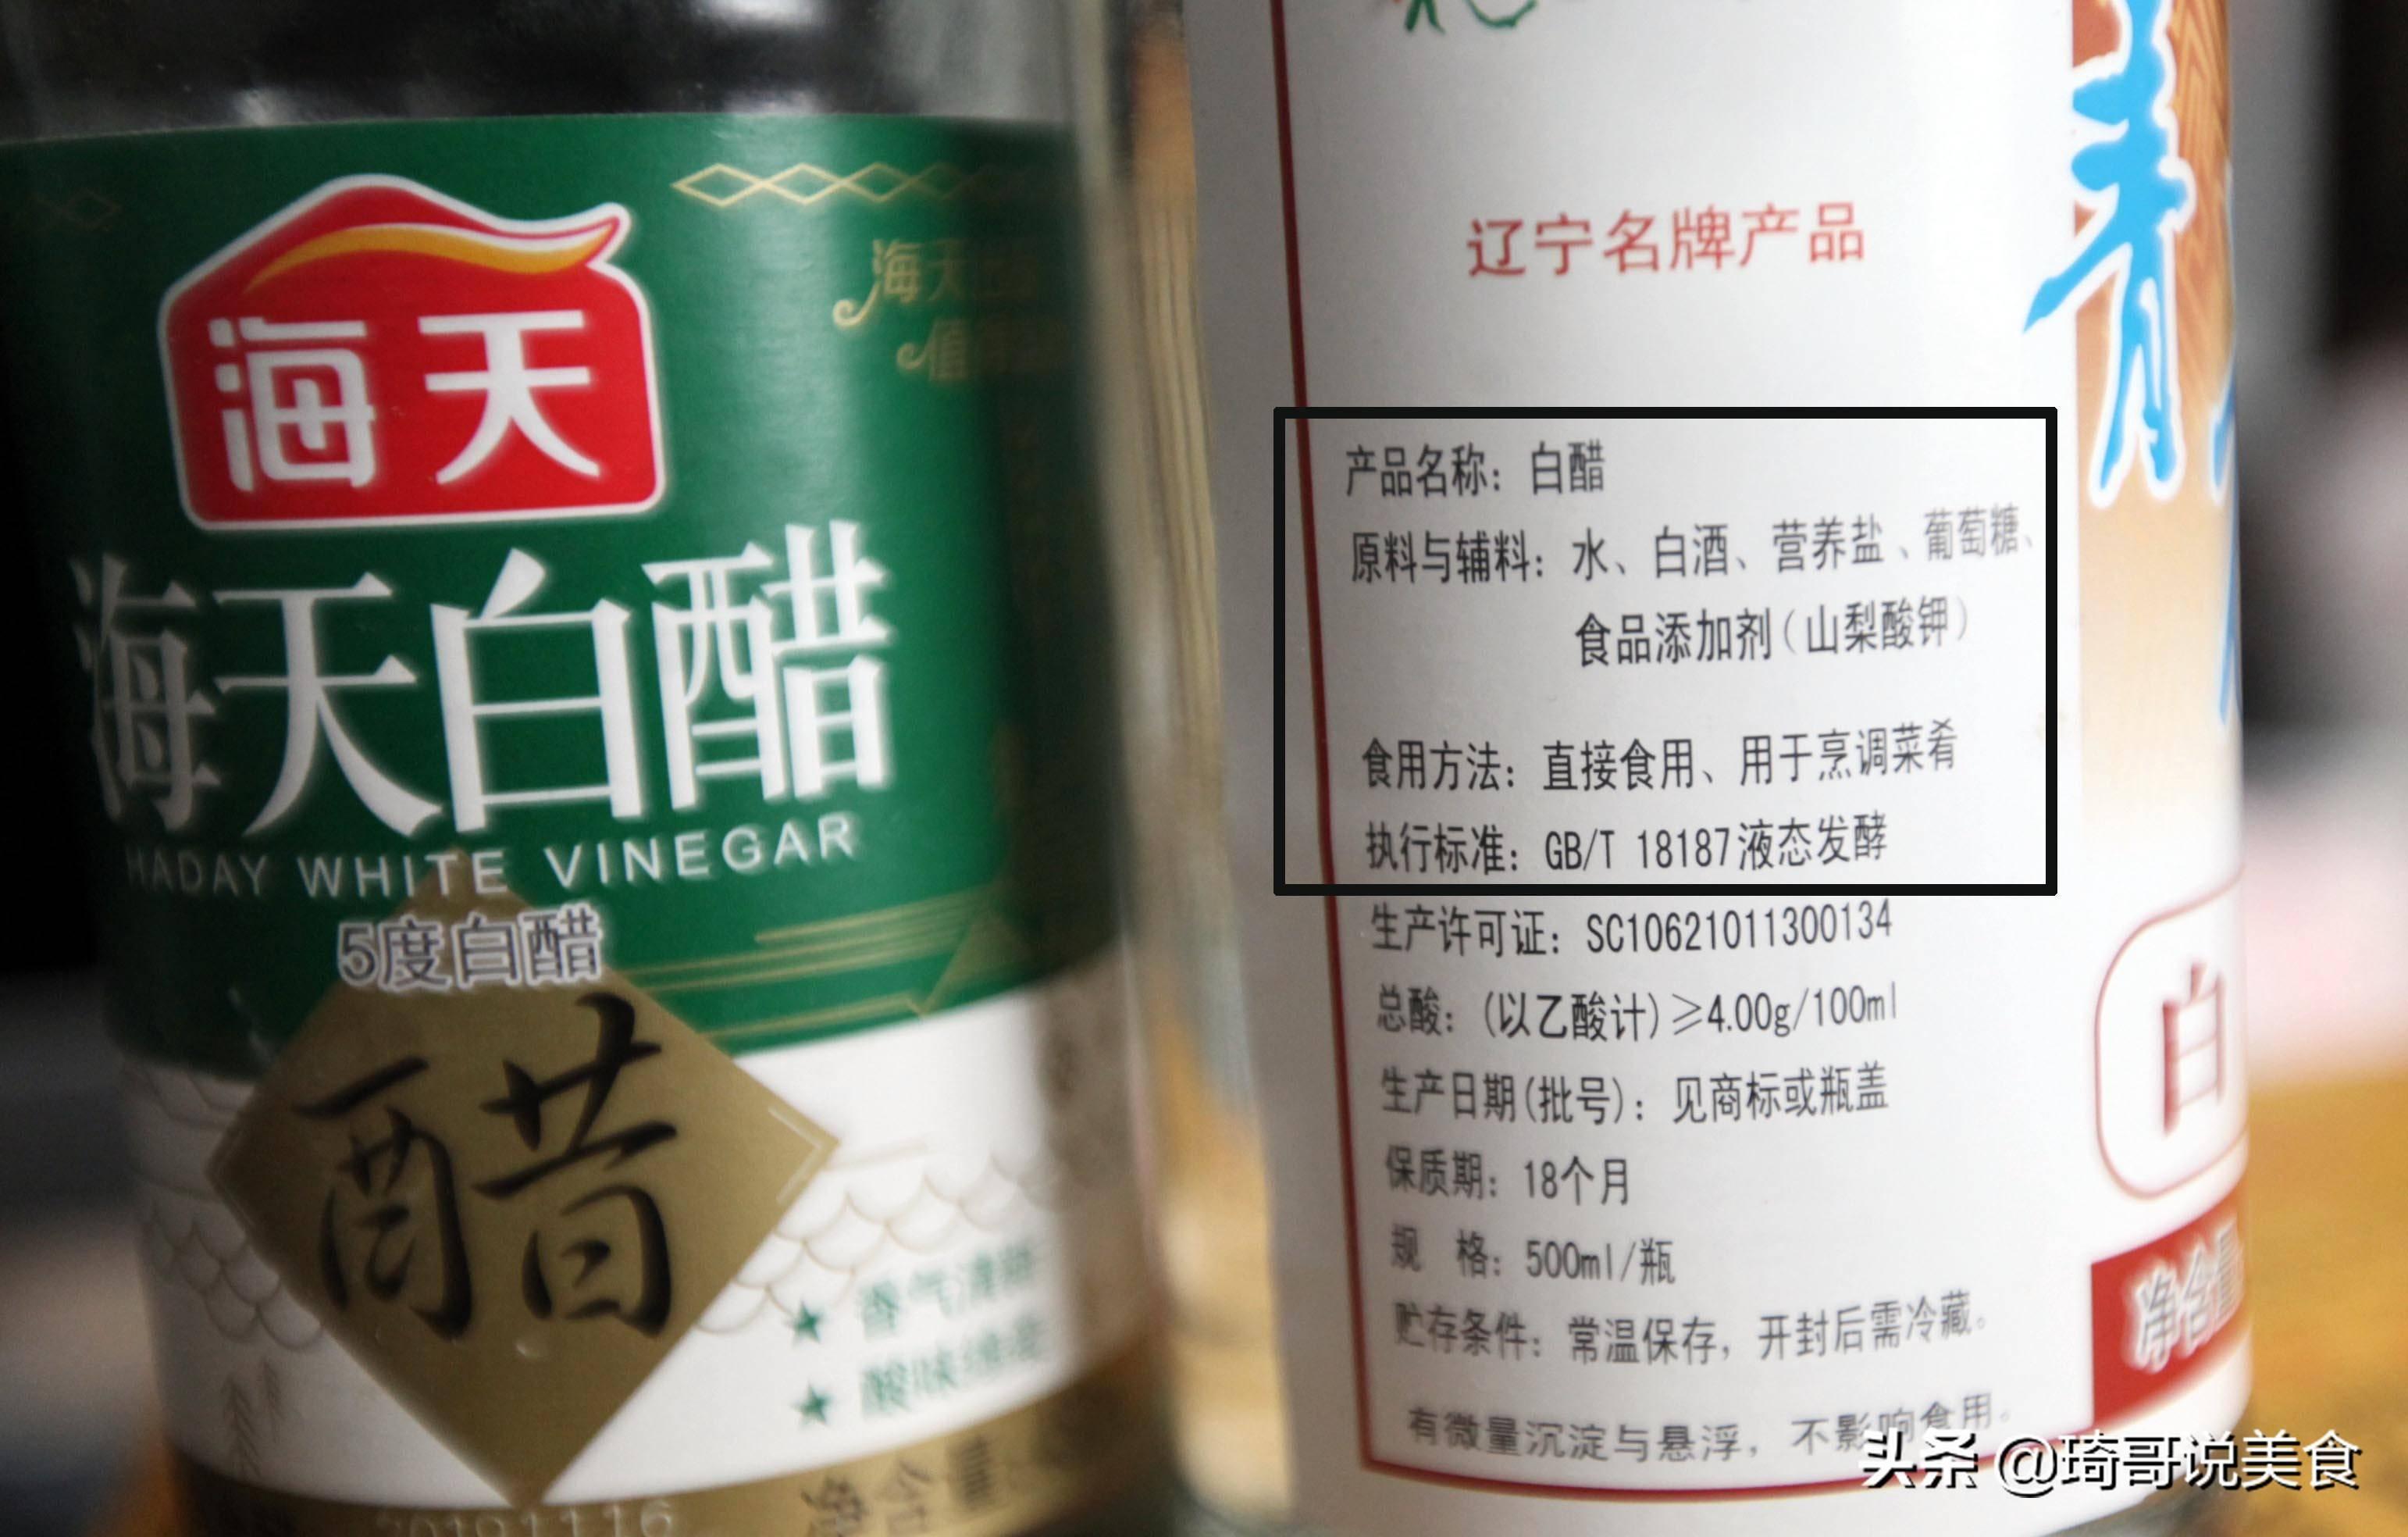 醋精有哪些用途(醋精哪里可以买到)插图(3)